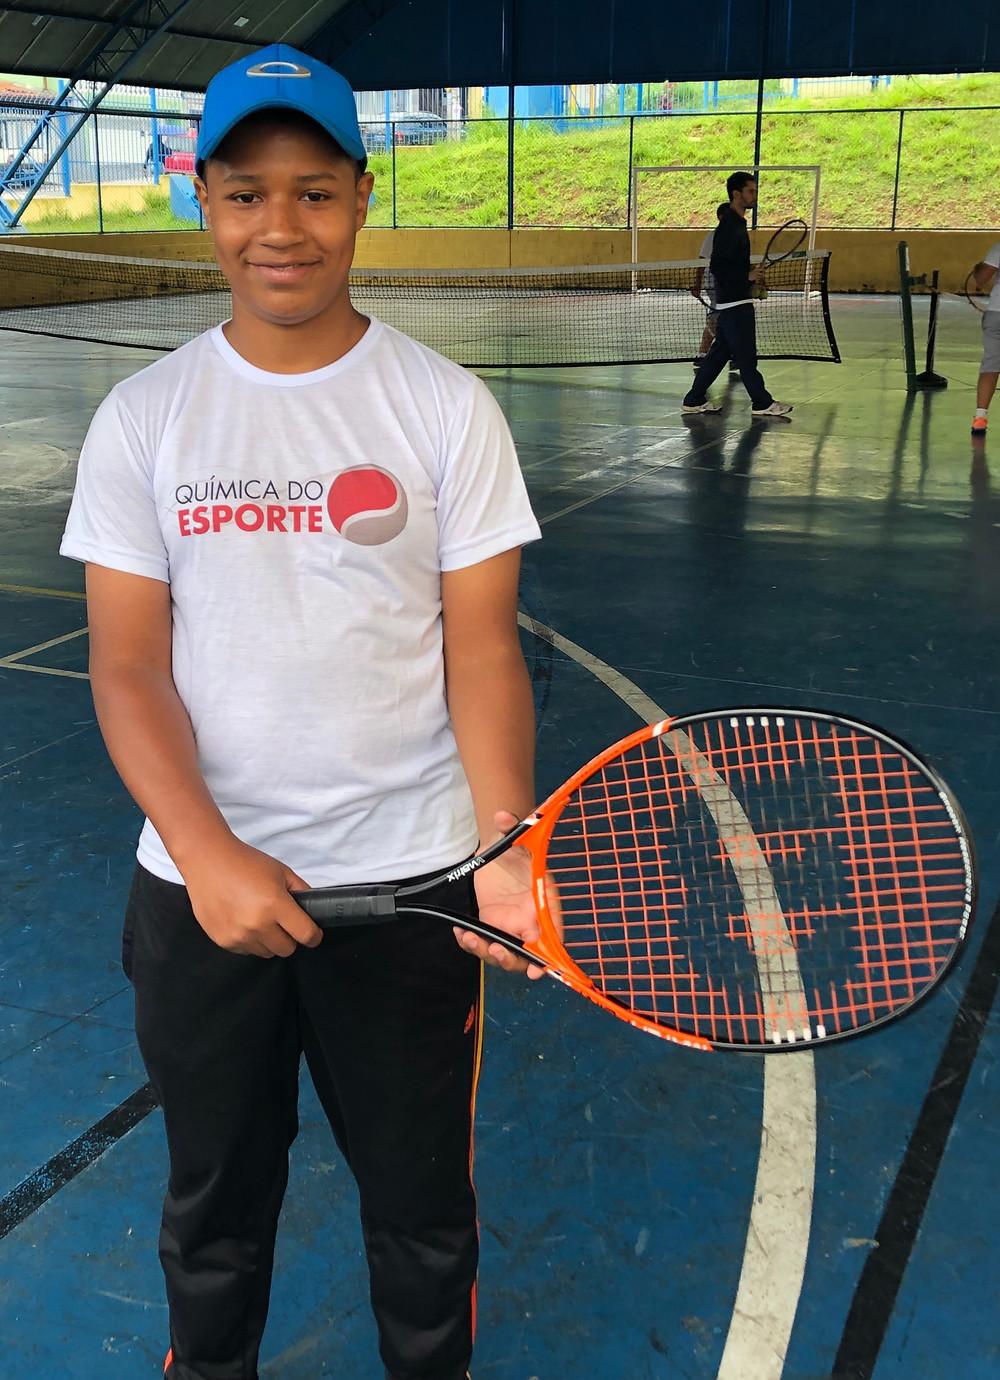 Nosso aluno Caique que não larga mais a raquete!